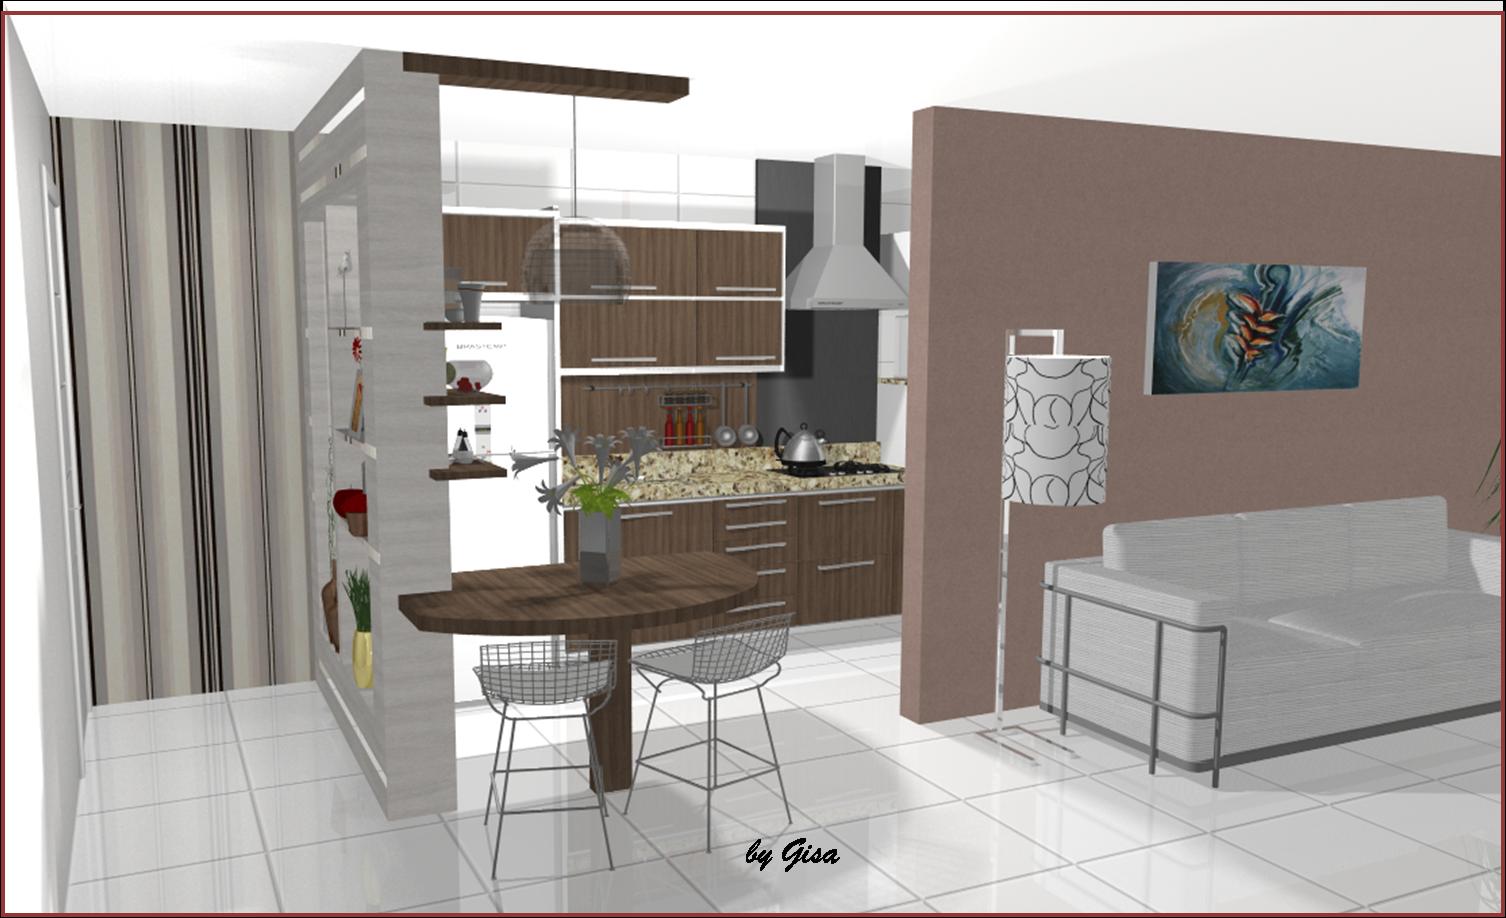 #4E5F30 Projeto Feito Sonho Realizado: Cozinha Pequena integrada com a Sala 1506x918 px Projetos Frescos Da Cozinha Pequena_246 Imagens